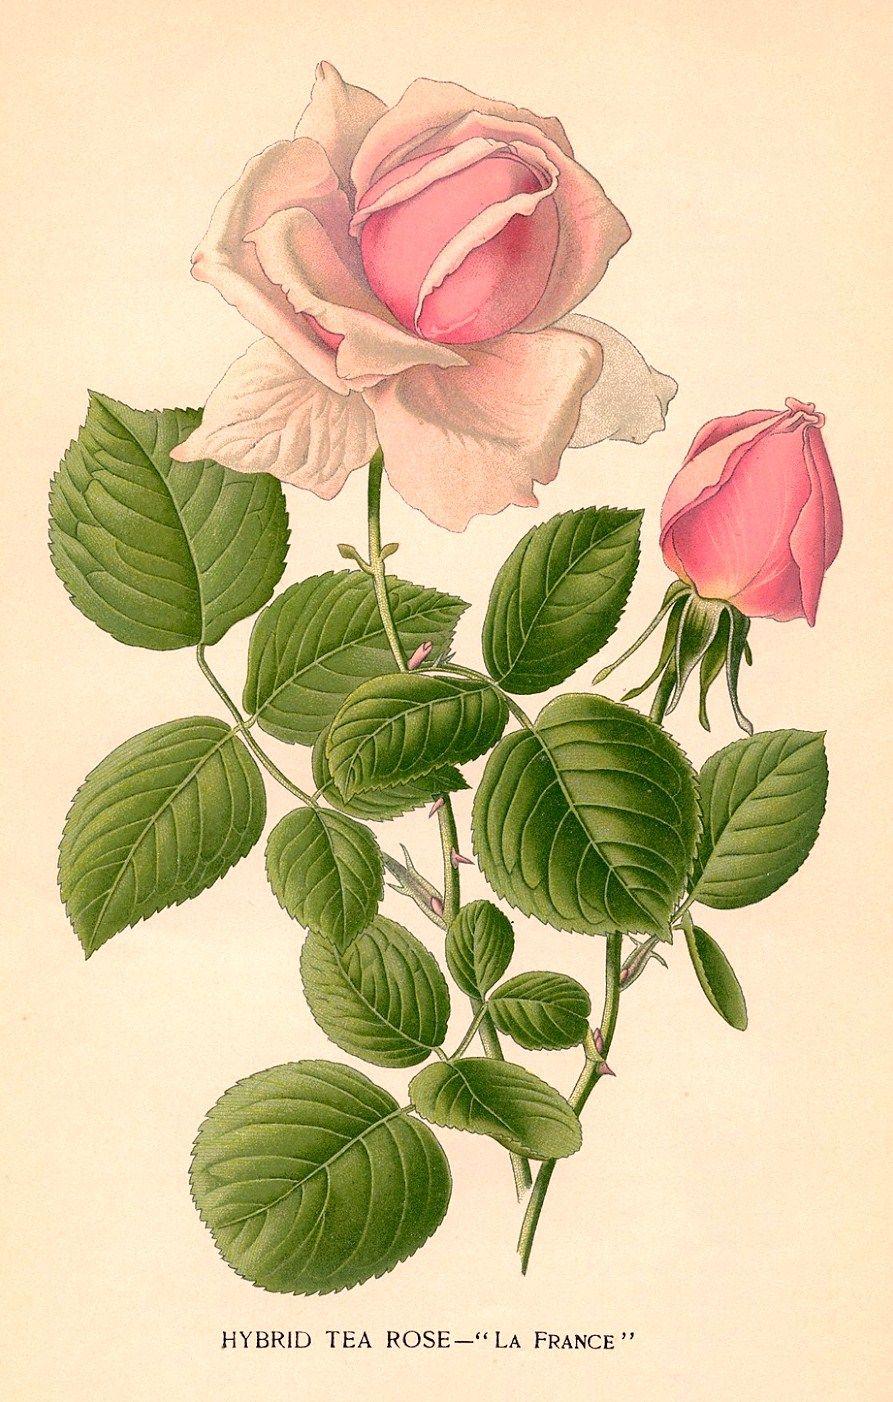 La France hybrid tea rose vintage botanical drawing